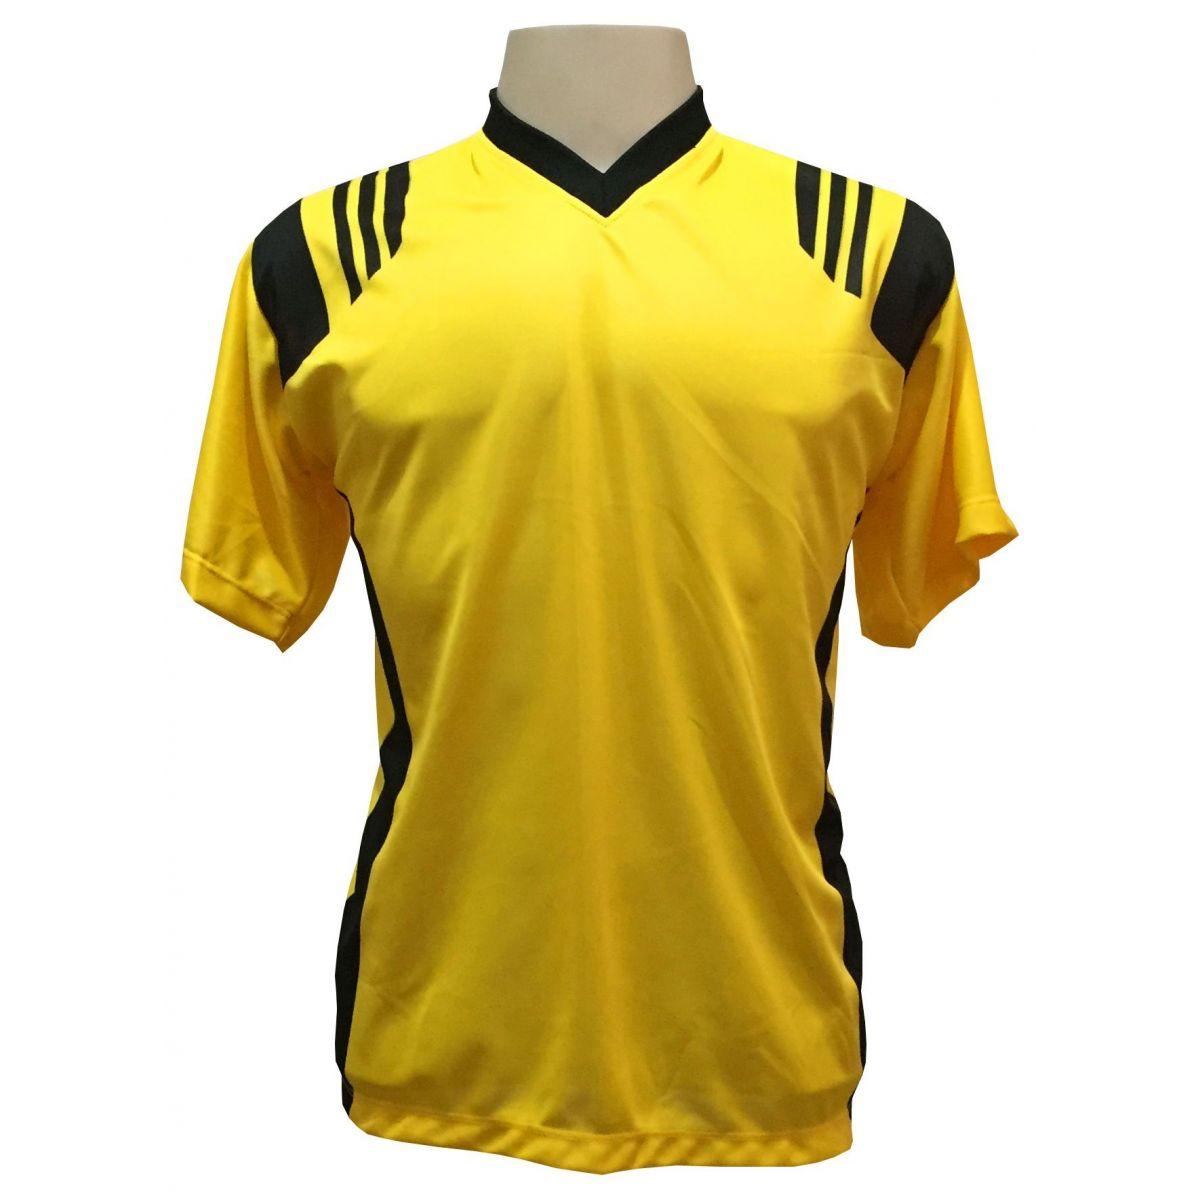 Fardamento Completo modelo Roma 20+1 (20 camisas Amarelo/Preto + 20 calções modelo Copa Preto/Amarelo + 20 pares de meiões Amarelo + 1 conjunto de goleiro) + Brindes